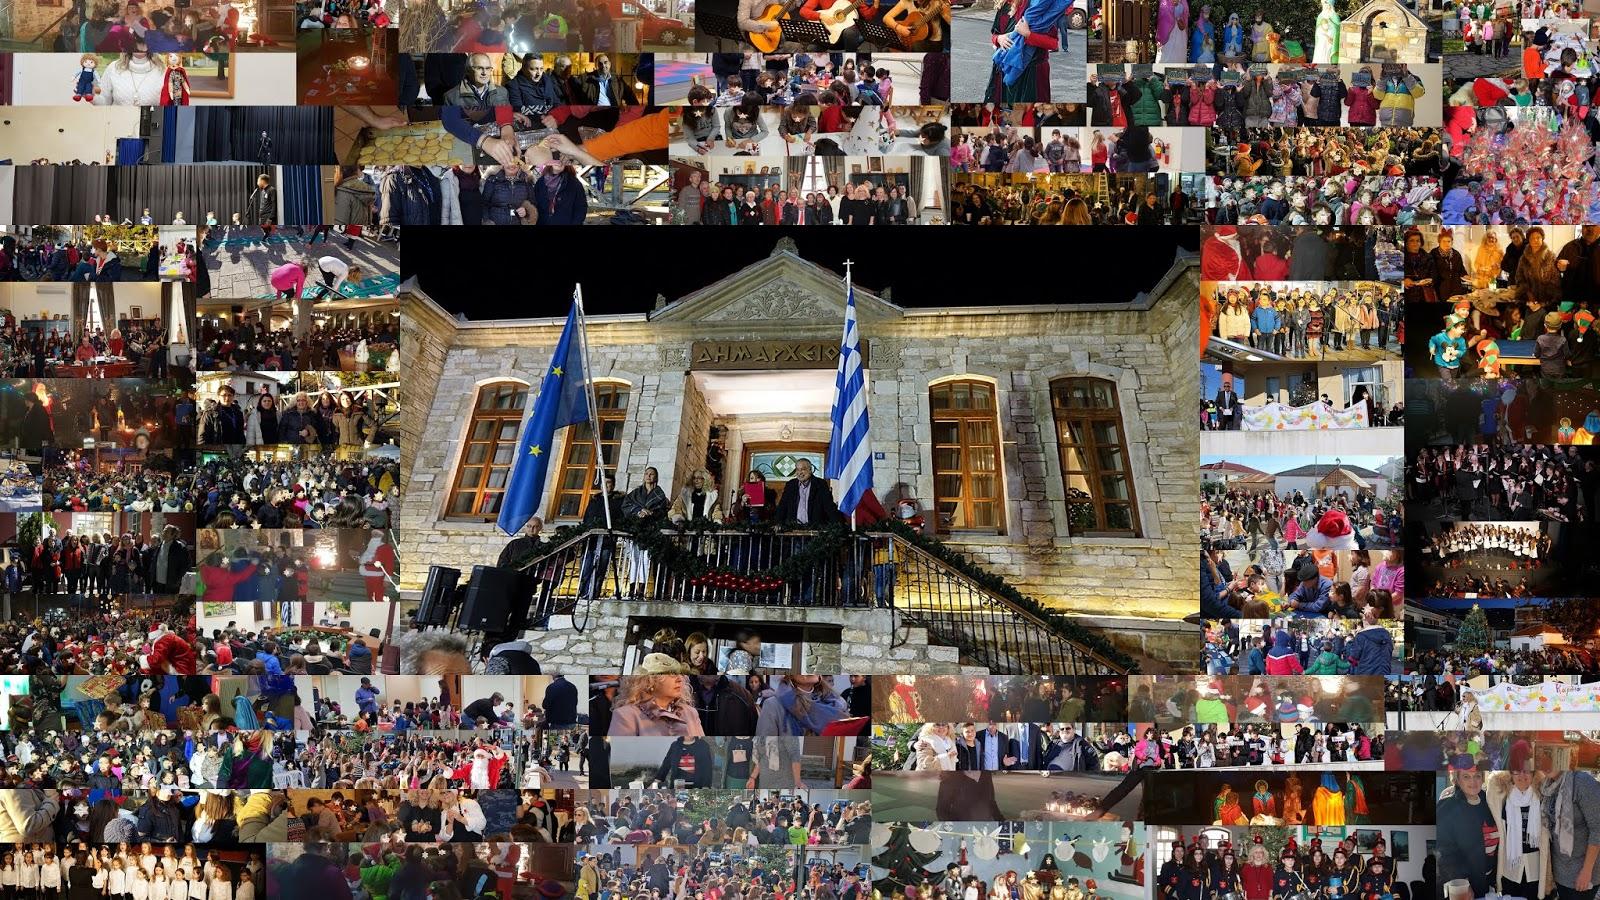 Δήμος Πολυγύρου: Πρόγραμμα εκδηλώσεων Χριστουγέννων 2018